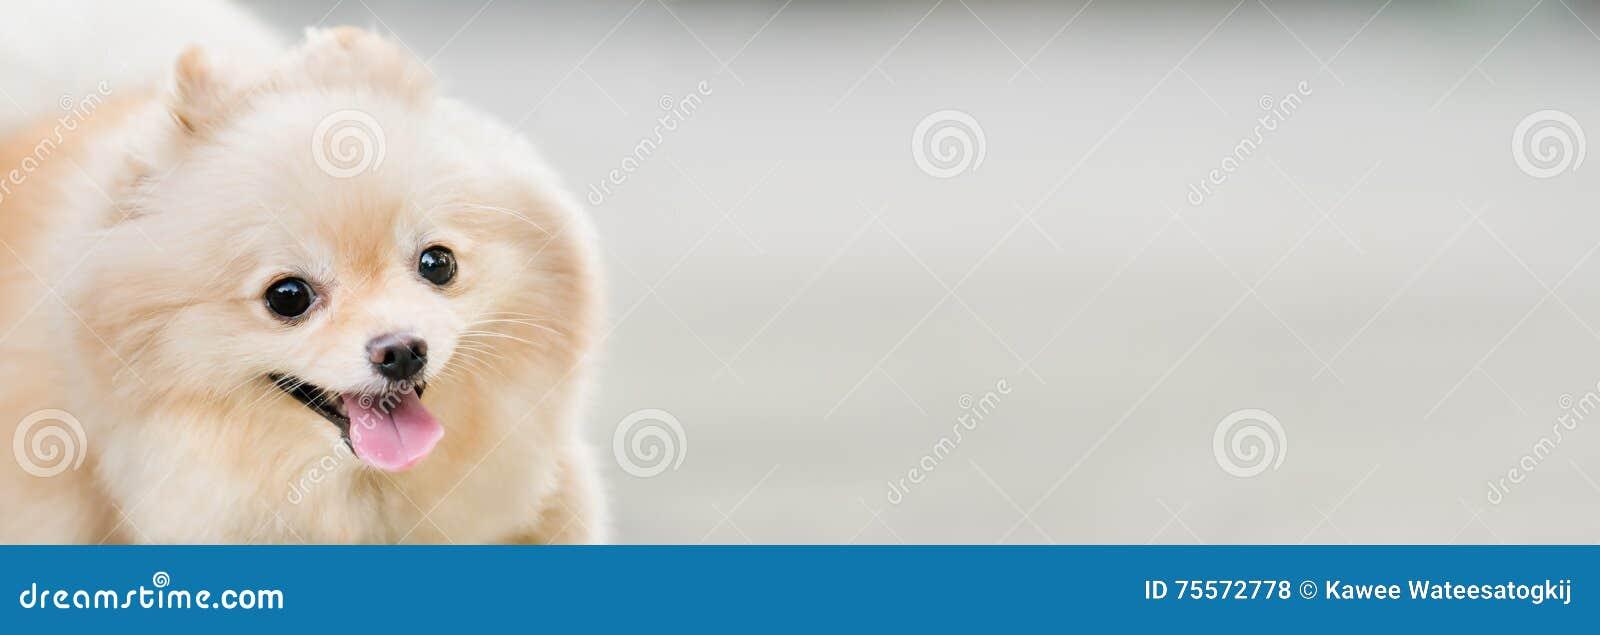 Śliczny pomeranian psi ono uśmiecha się śmieszny, z kopii przestrzenią, horyzontalny prostokątny wizerunek, ostrość na oku